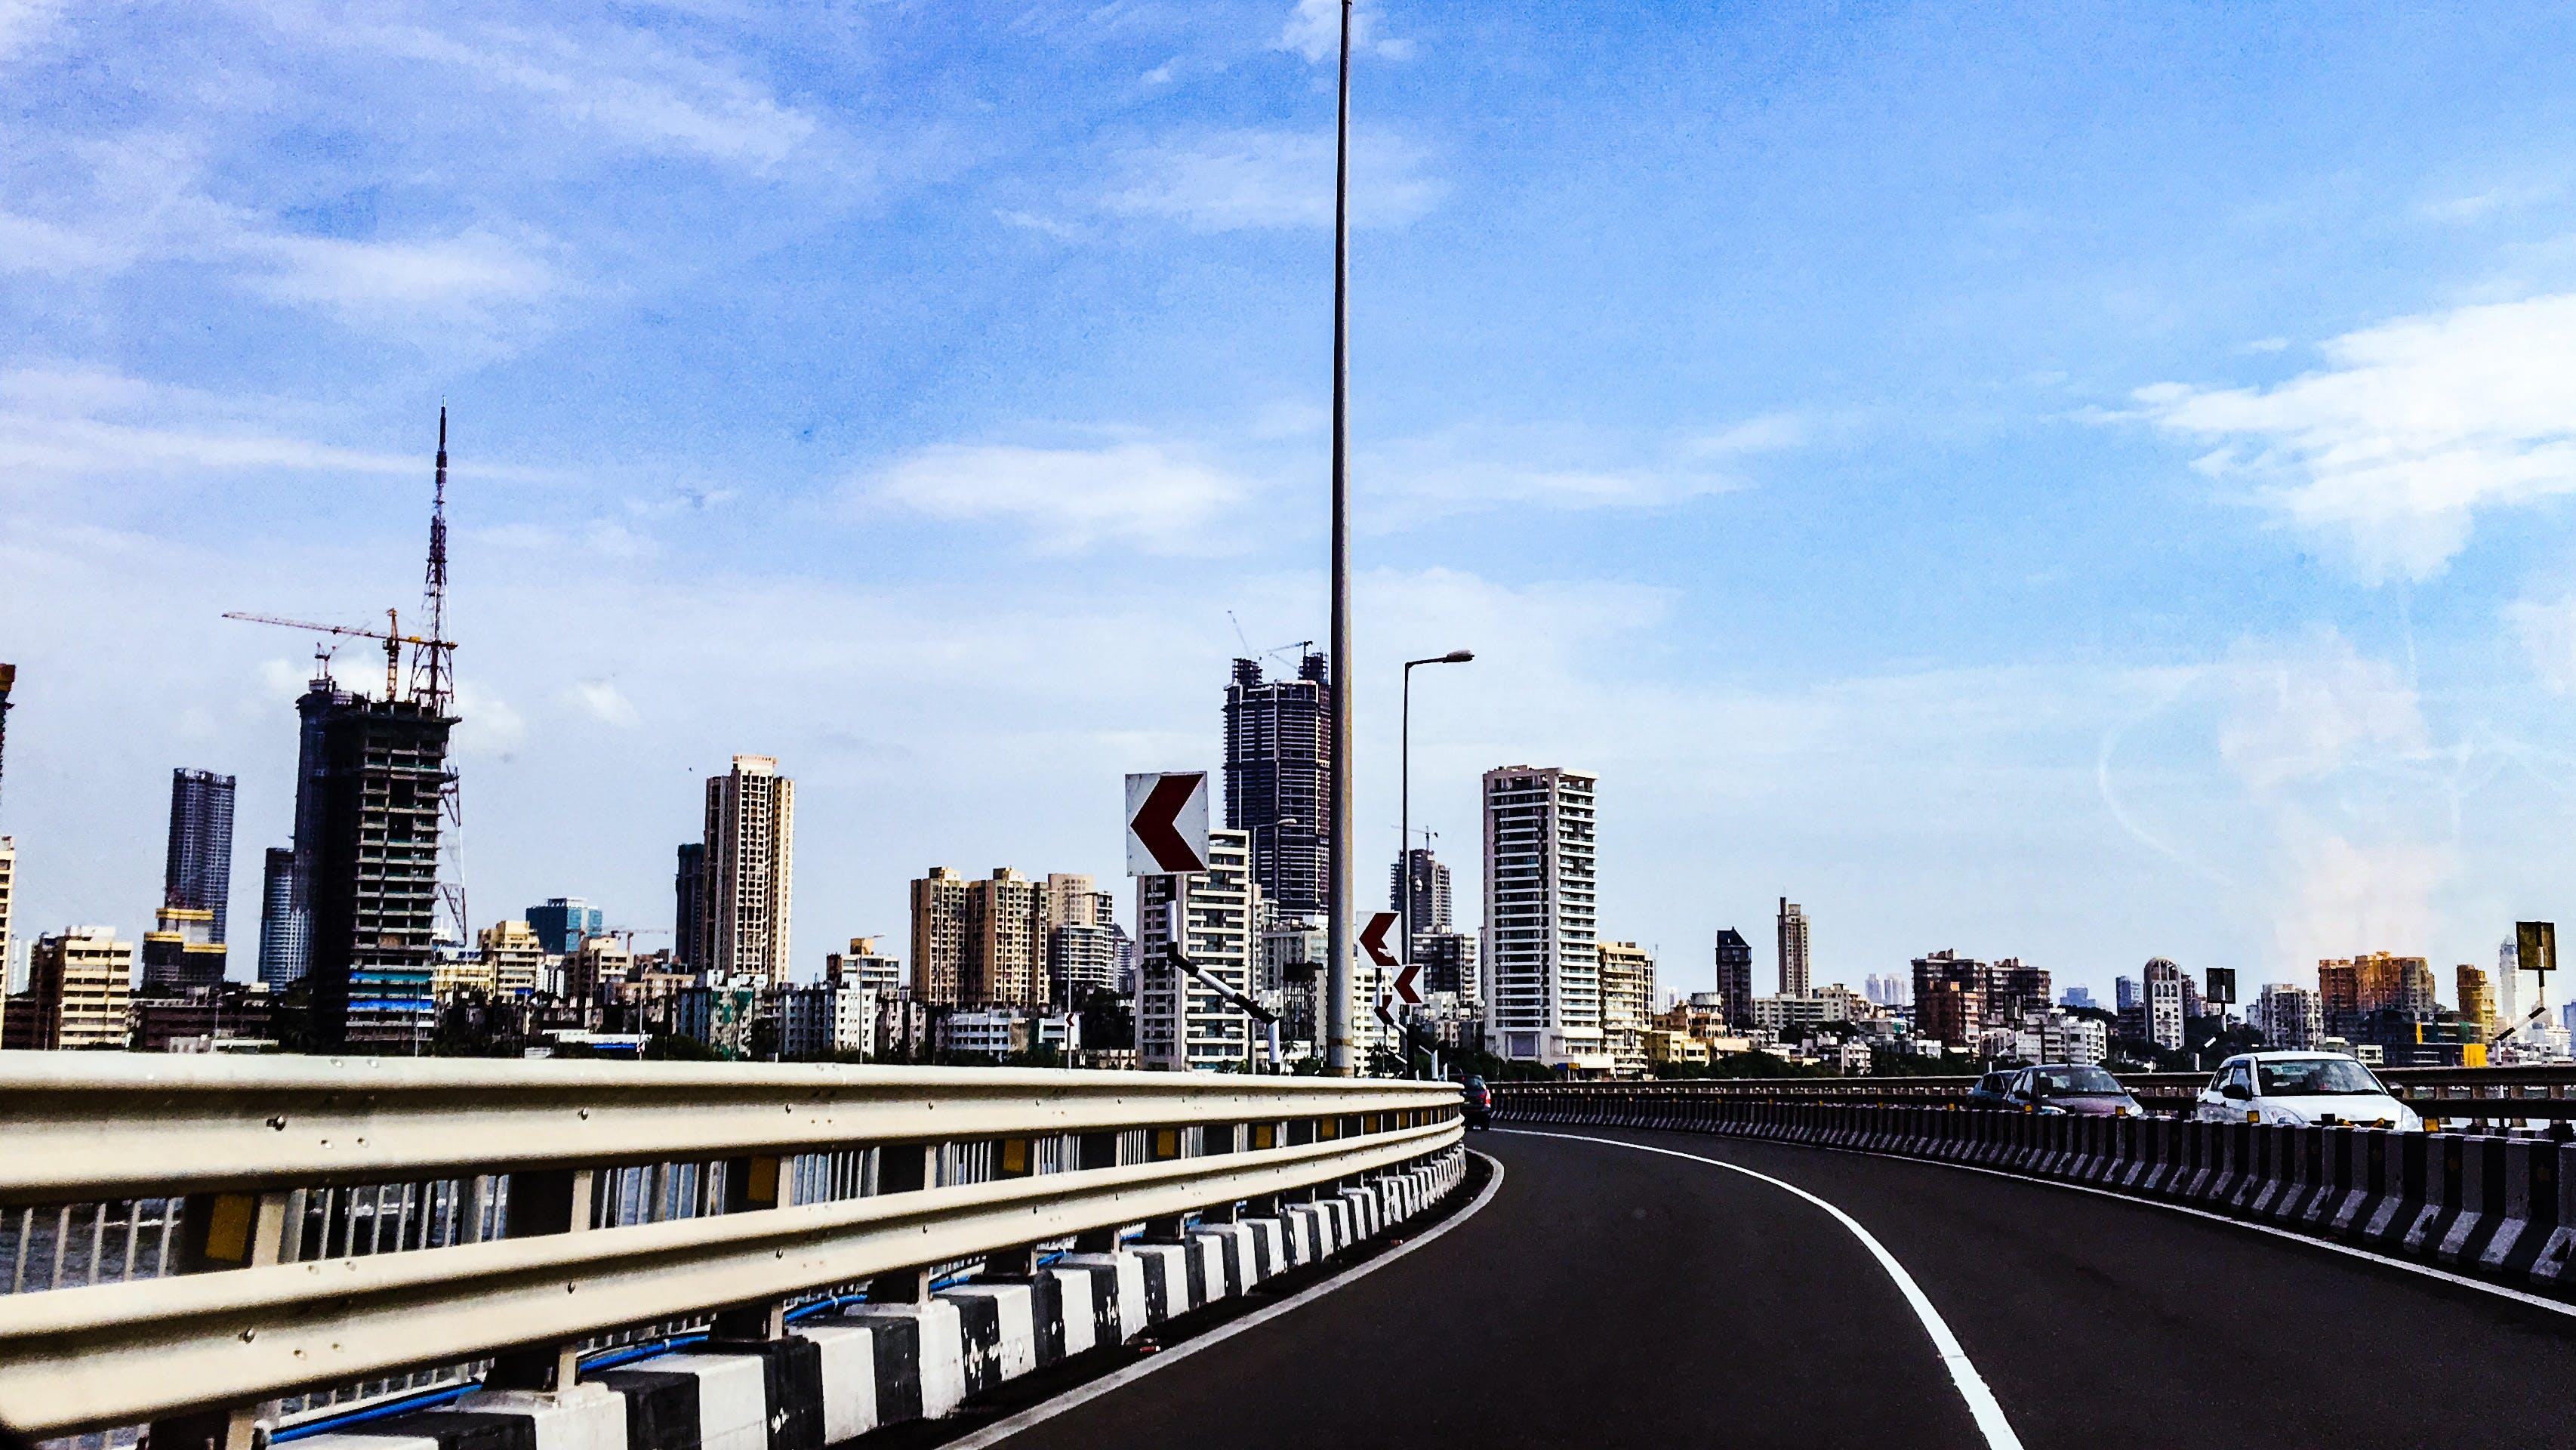 Gratis stockfoto met architectuur, asfalt, auto's, brug